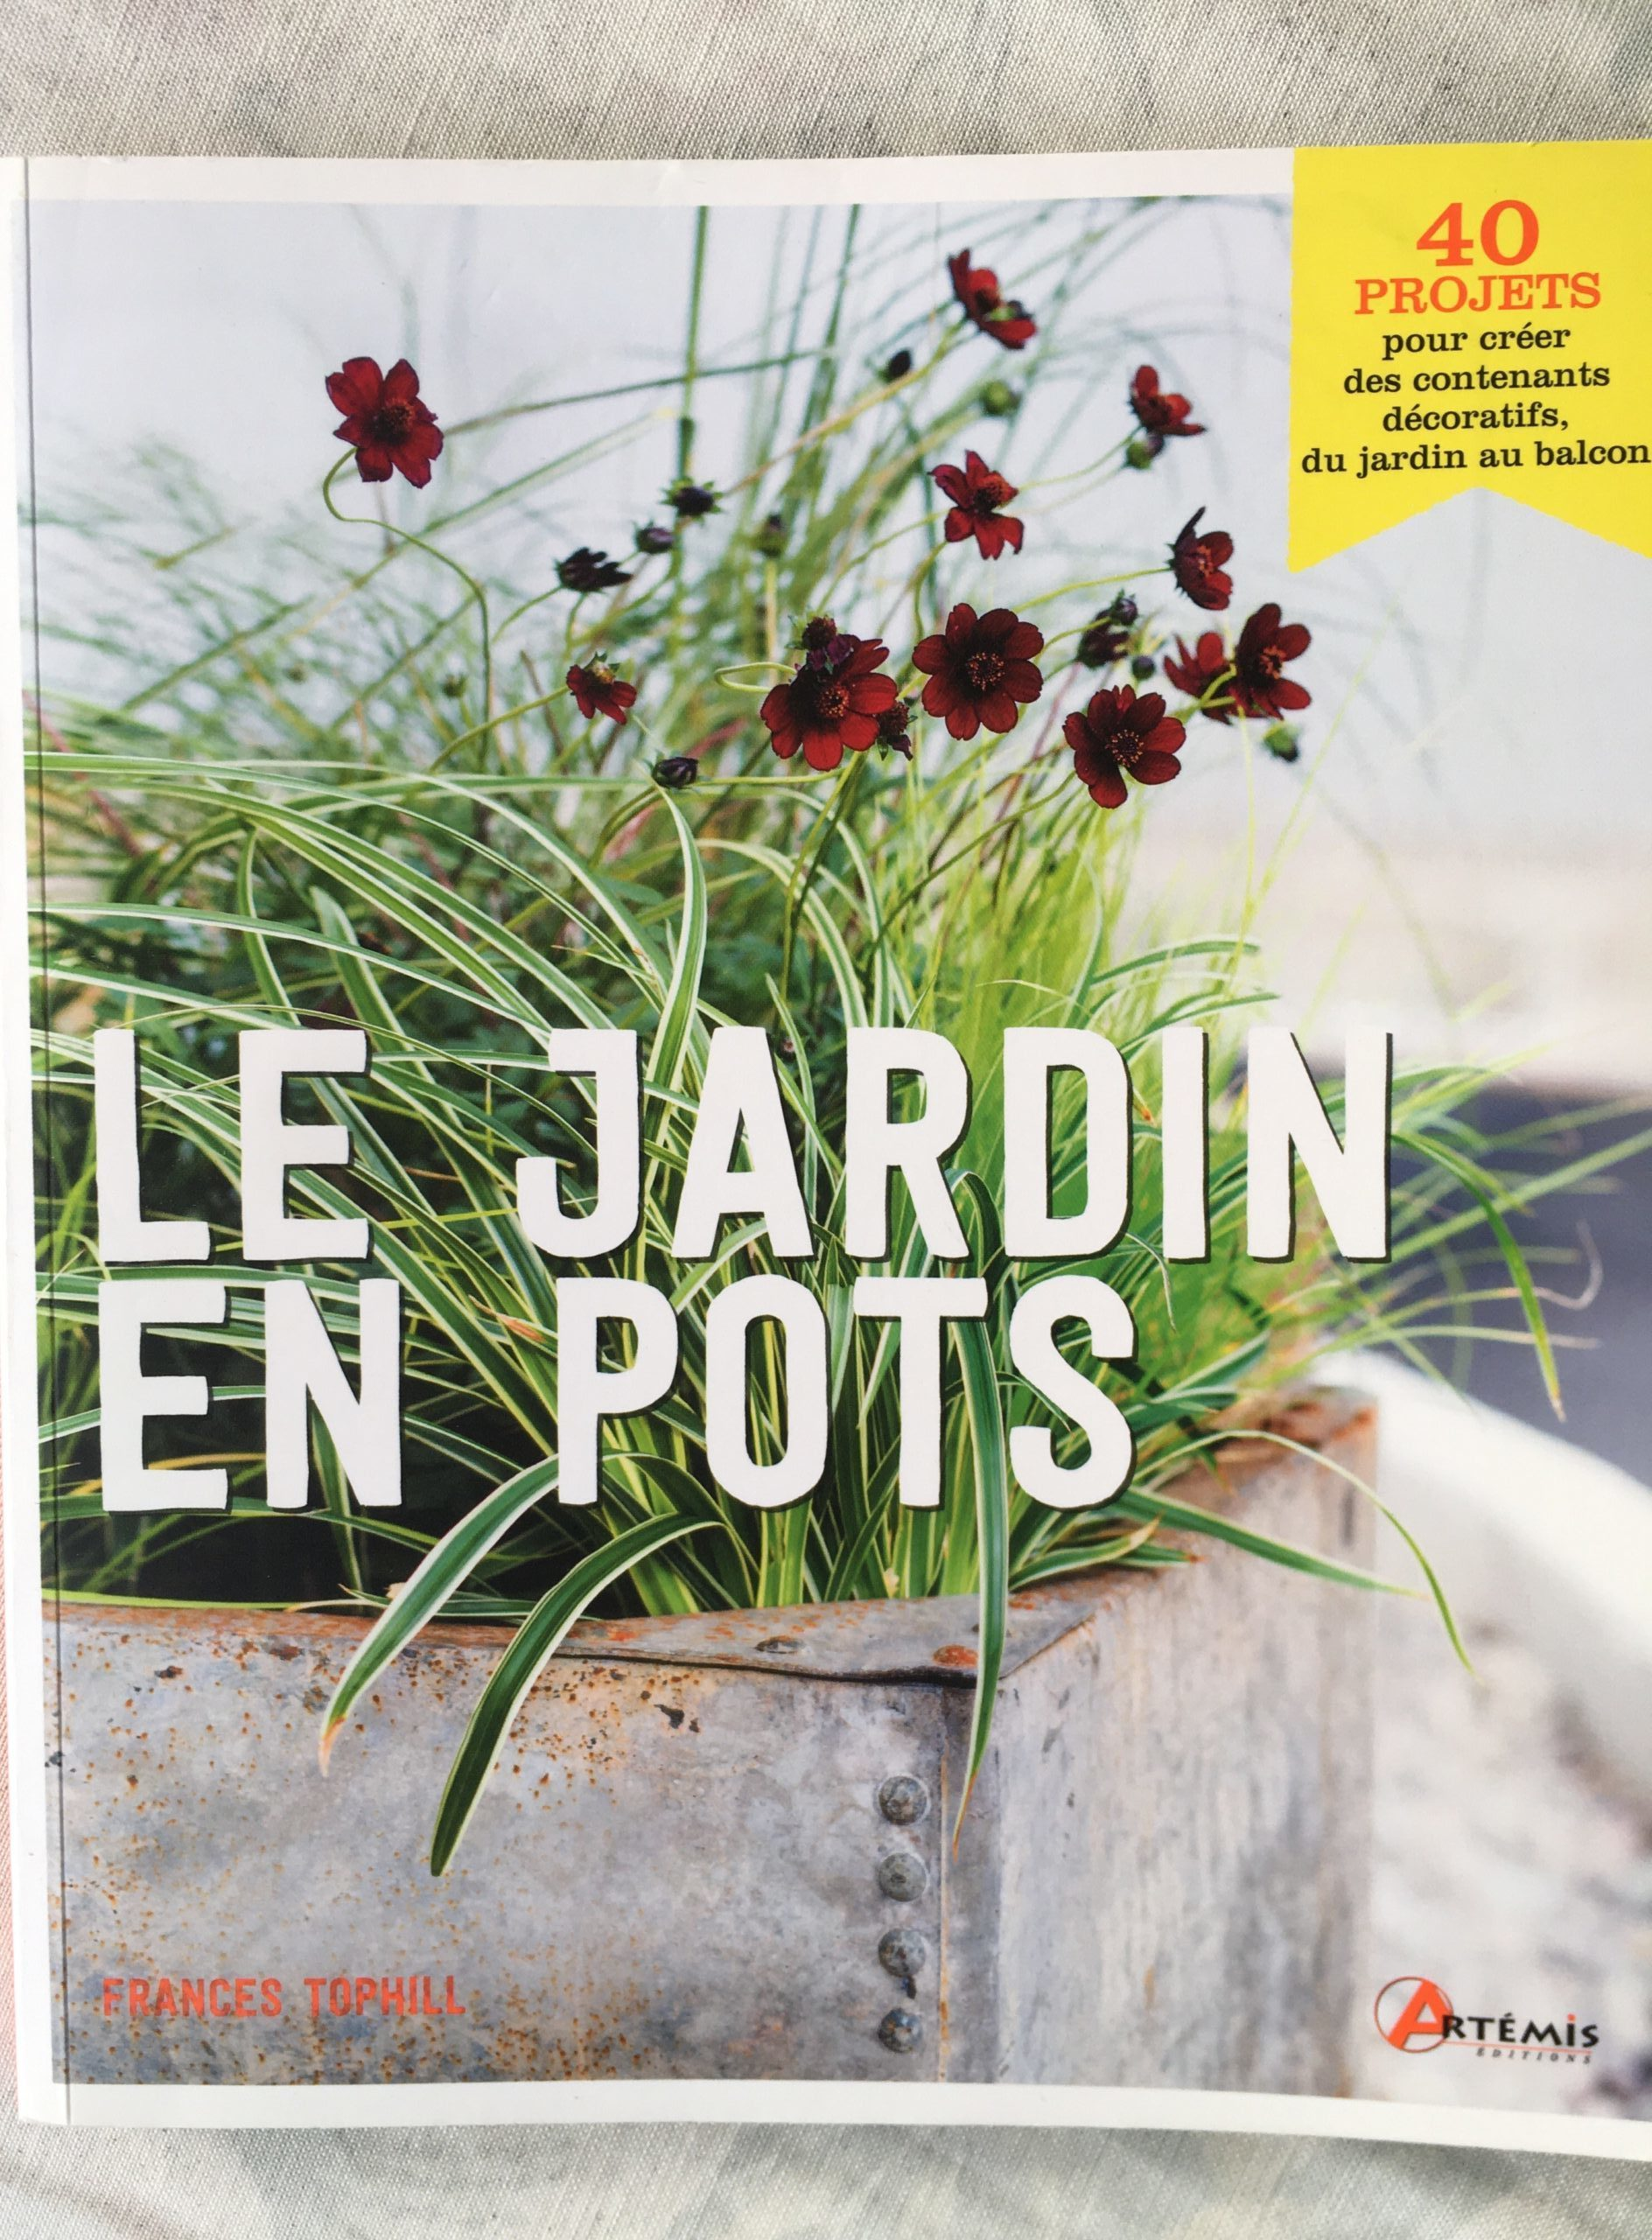 Le Jardin en Pots : Chronique du livre